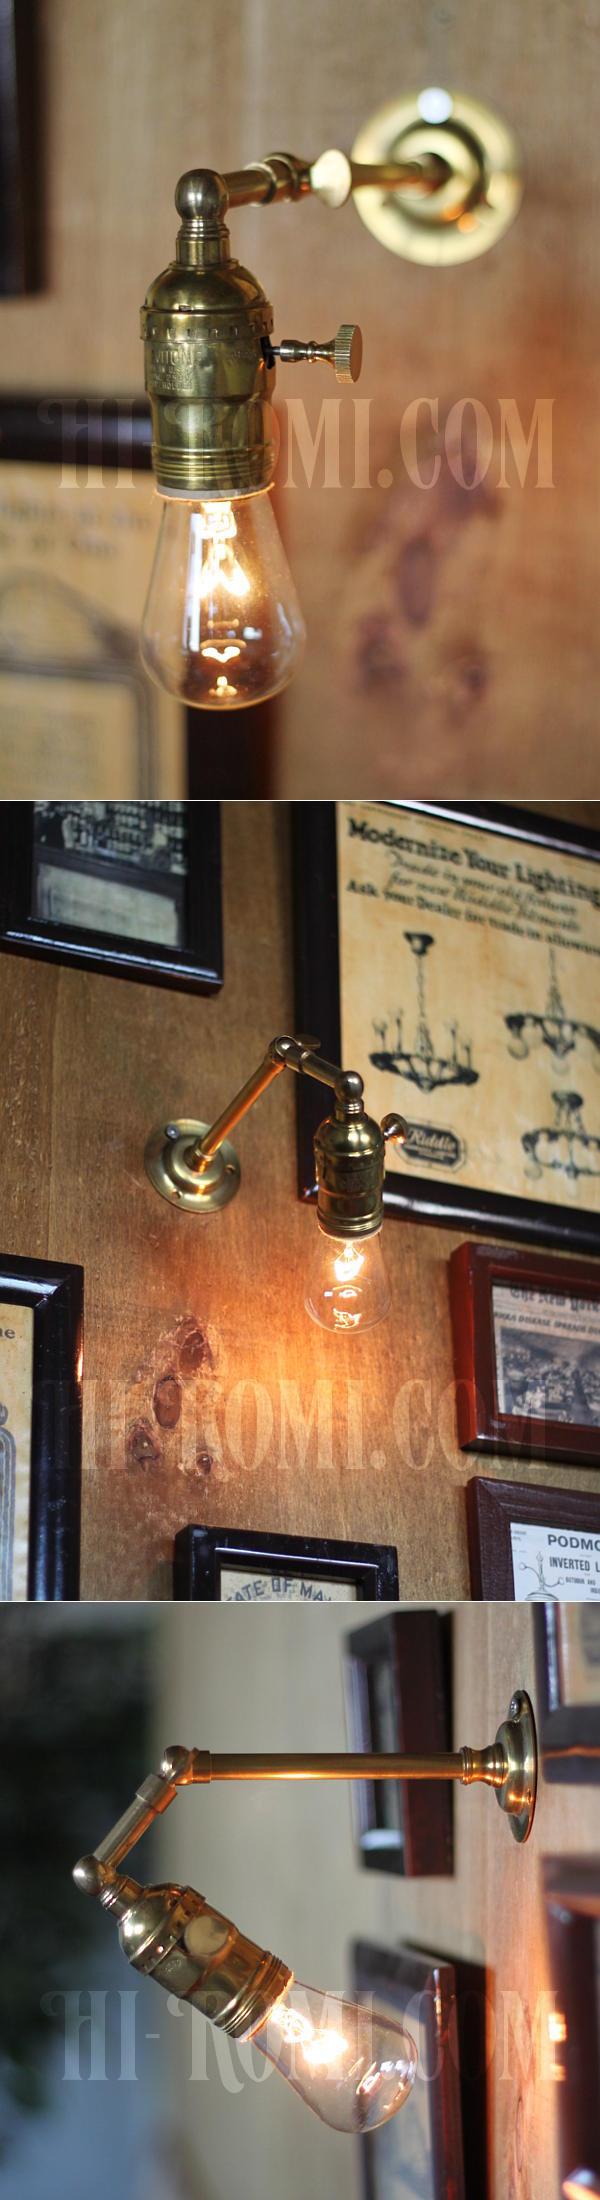 工業系ミニ角度調整付き真鍮ブラケット/インダストリアルウォールランプ/壁掛け照明